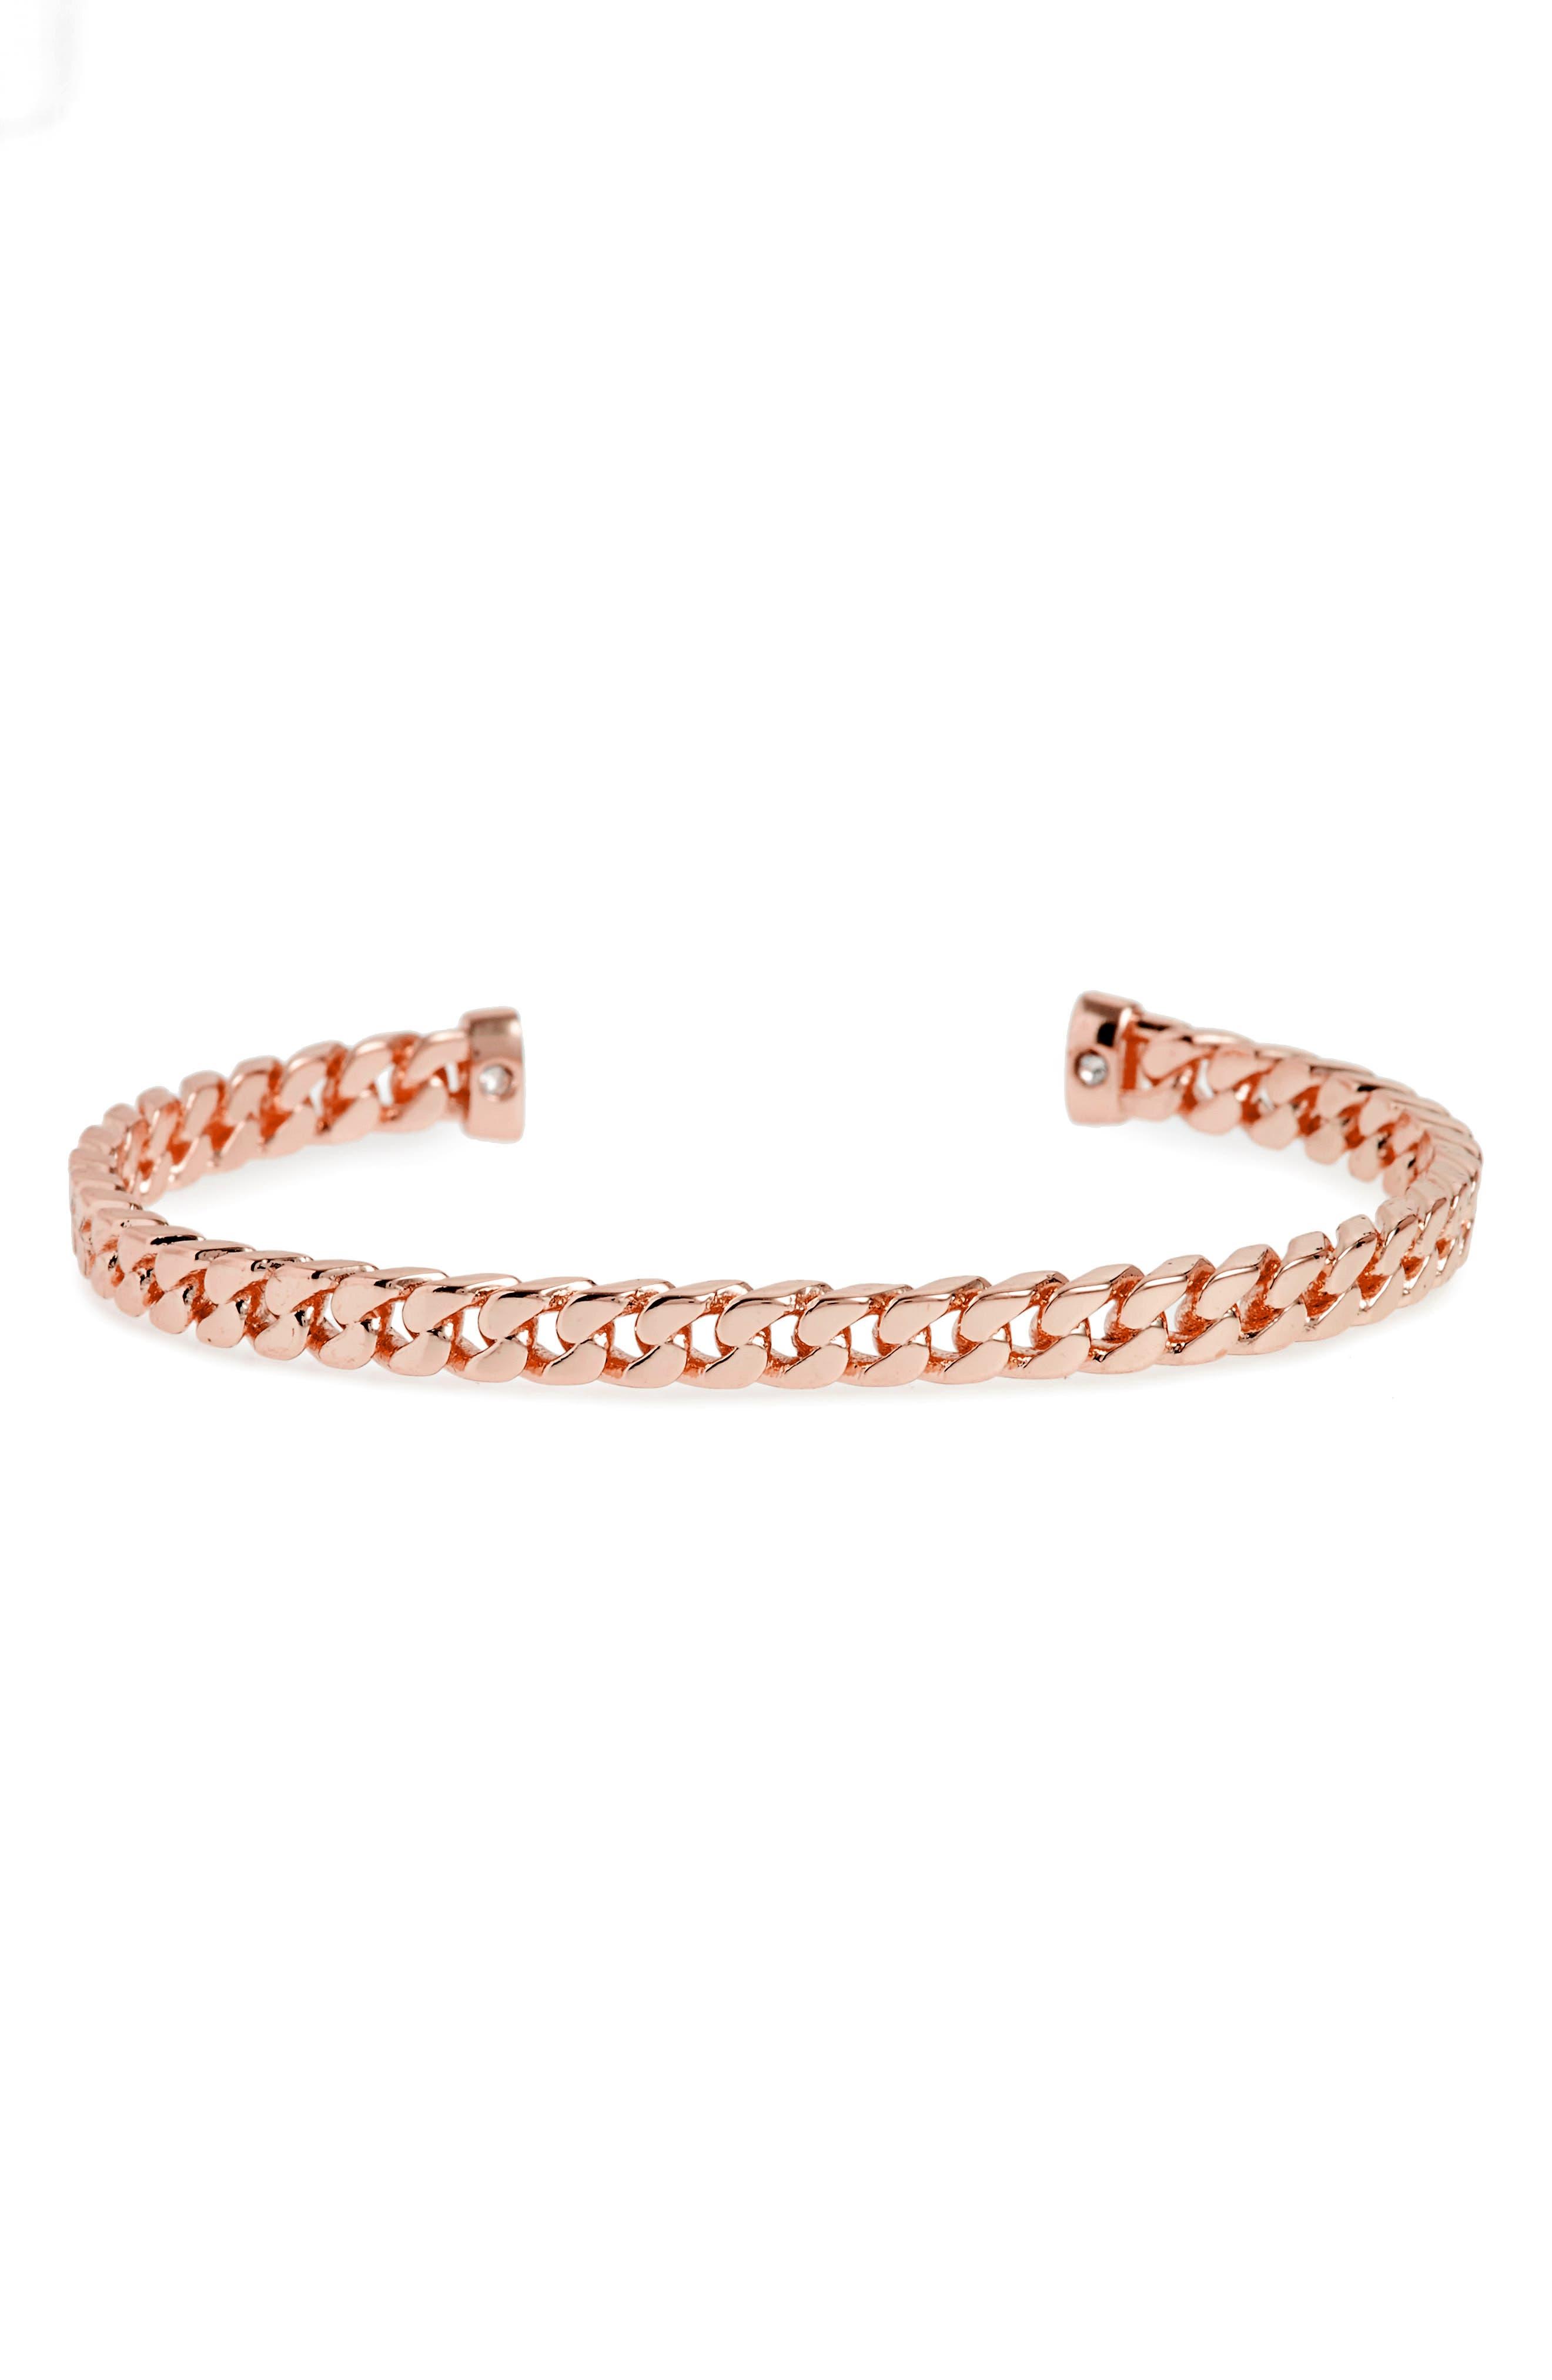 Cuff Bracelet,                             Main thumbnail 1, color,                             710